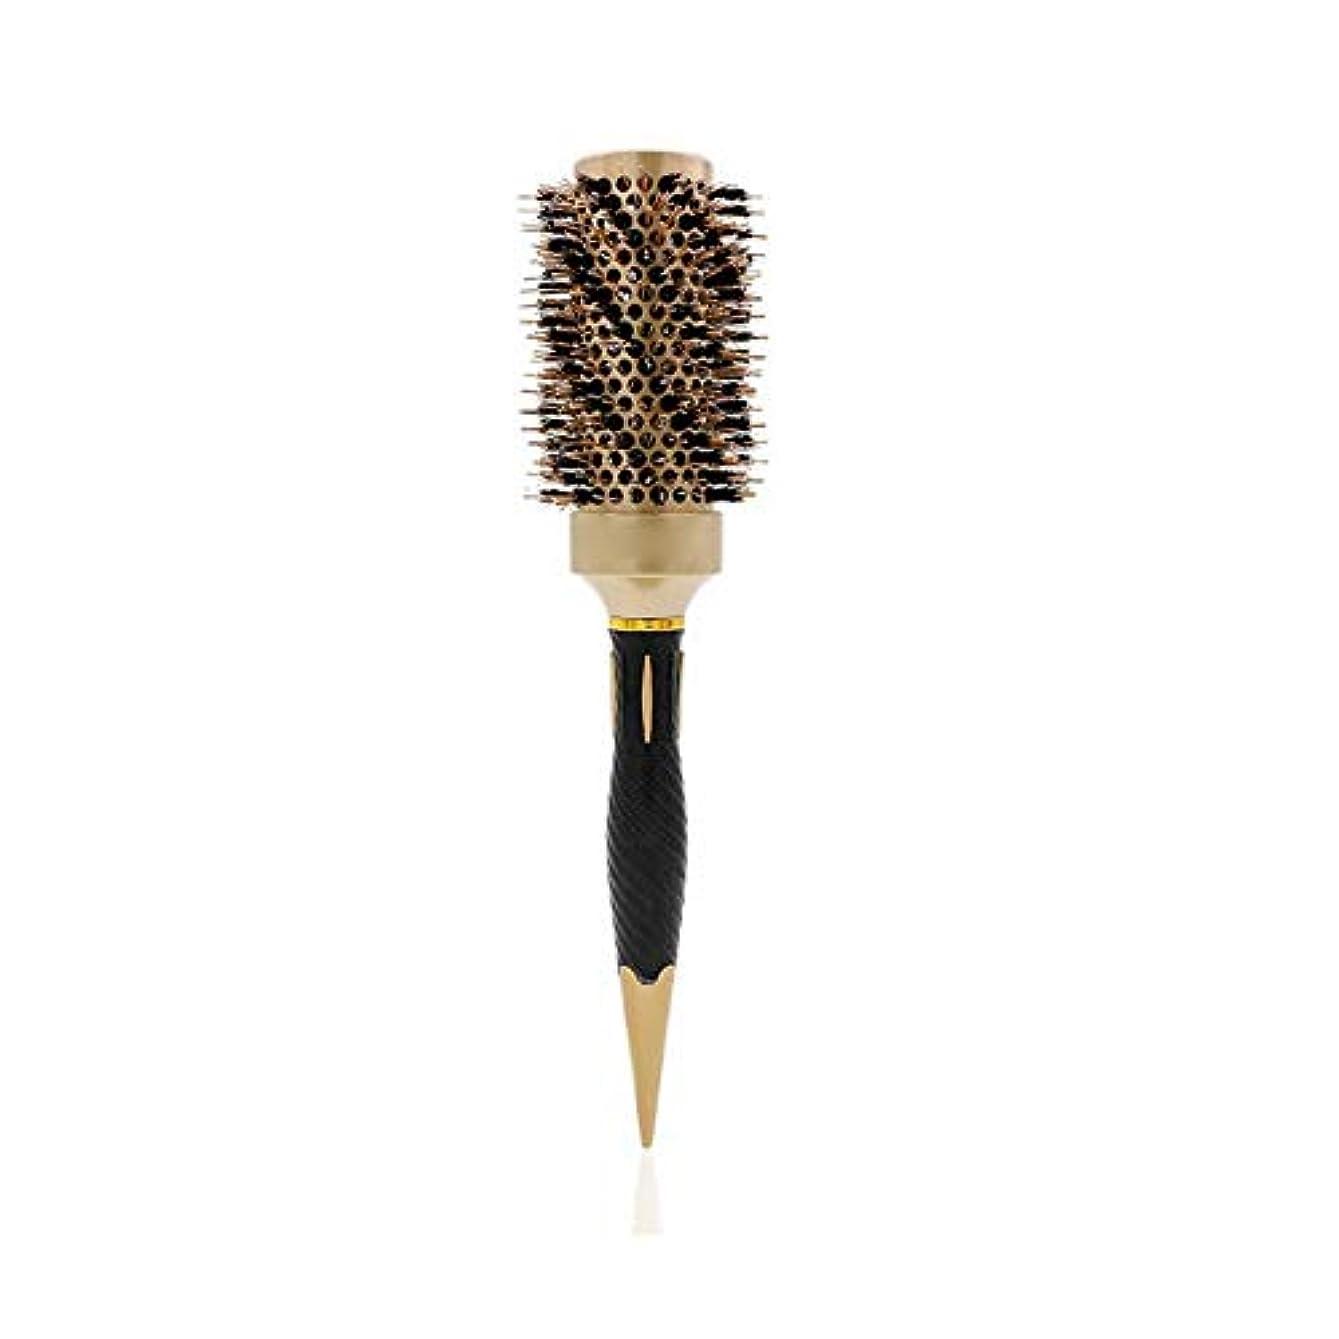 ヒギンズ滴下達成可能丸いヘアブラシは、セラミック円筒加熱ローラ櫛サブエアチューブを43ミリメートルヘアサロンヘアドライヤー毛